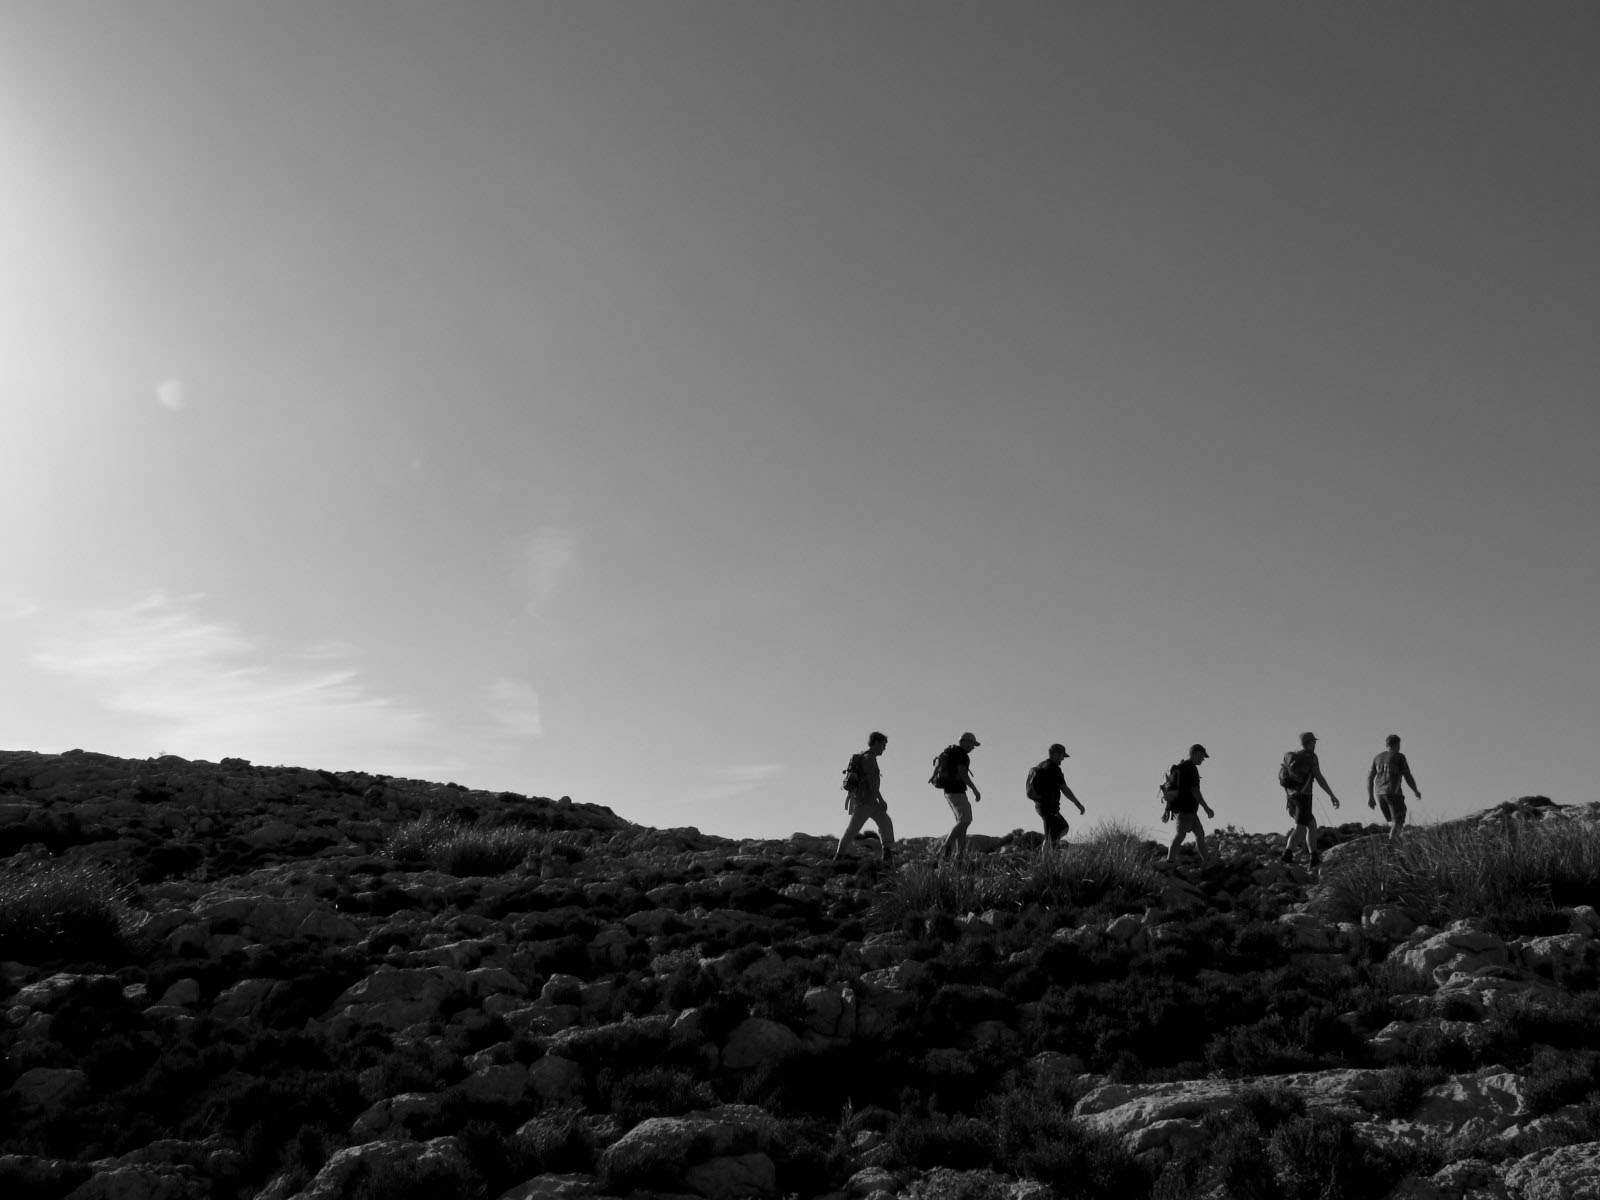 Auf dem Bergrücken kurz vor dem Gipfel des Puig Tomir auf Mallorca